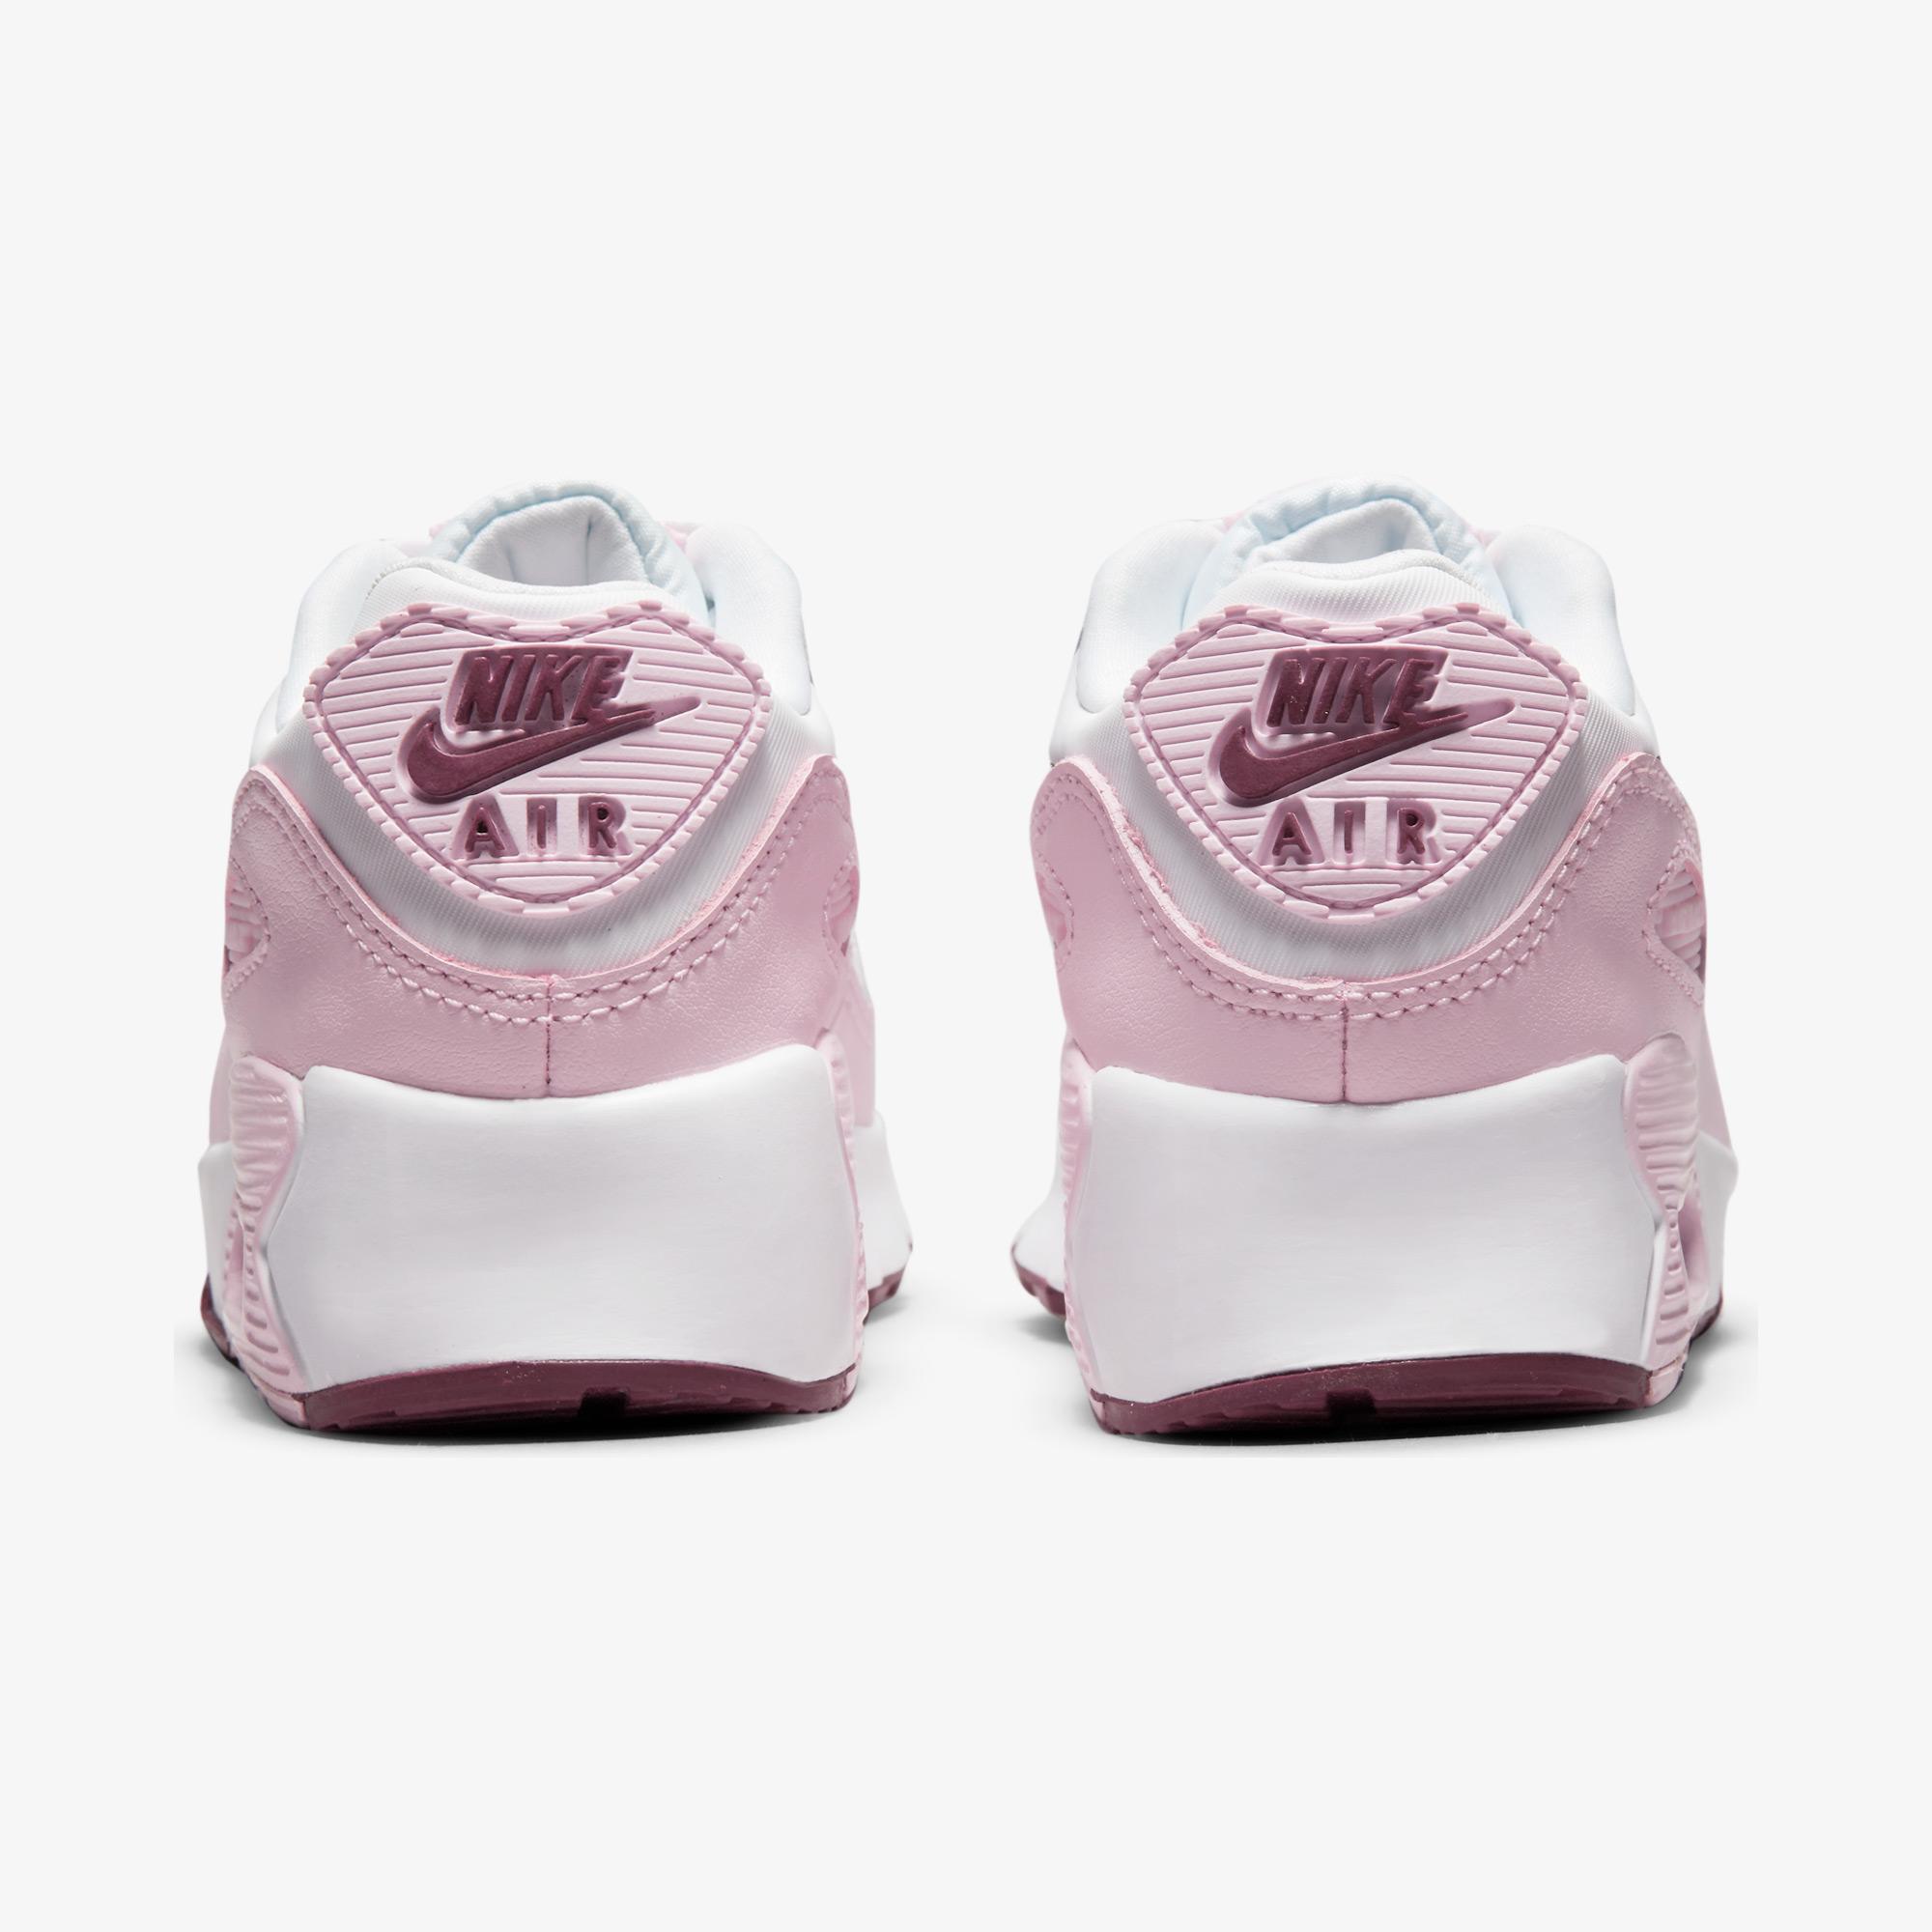 Nike Air Max 91 Çocuk Beyaz Spor Ayakkabı